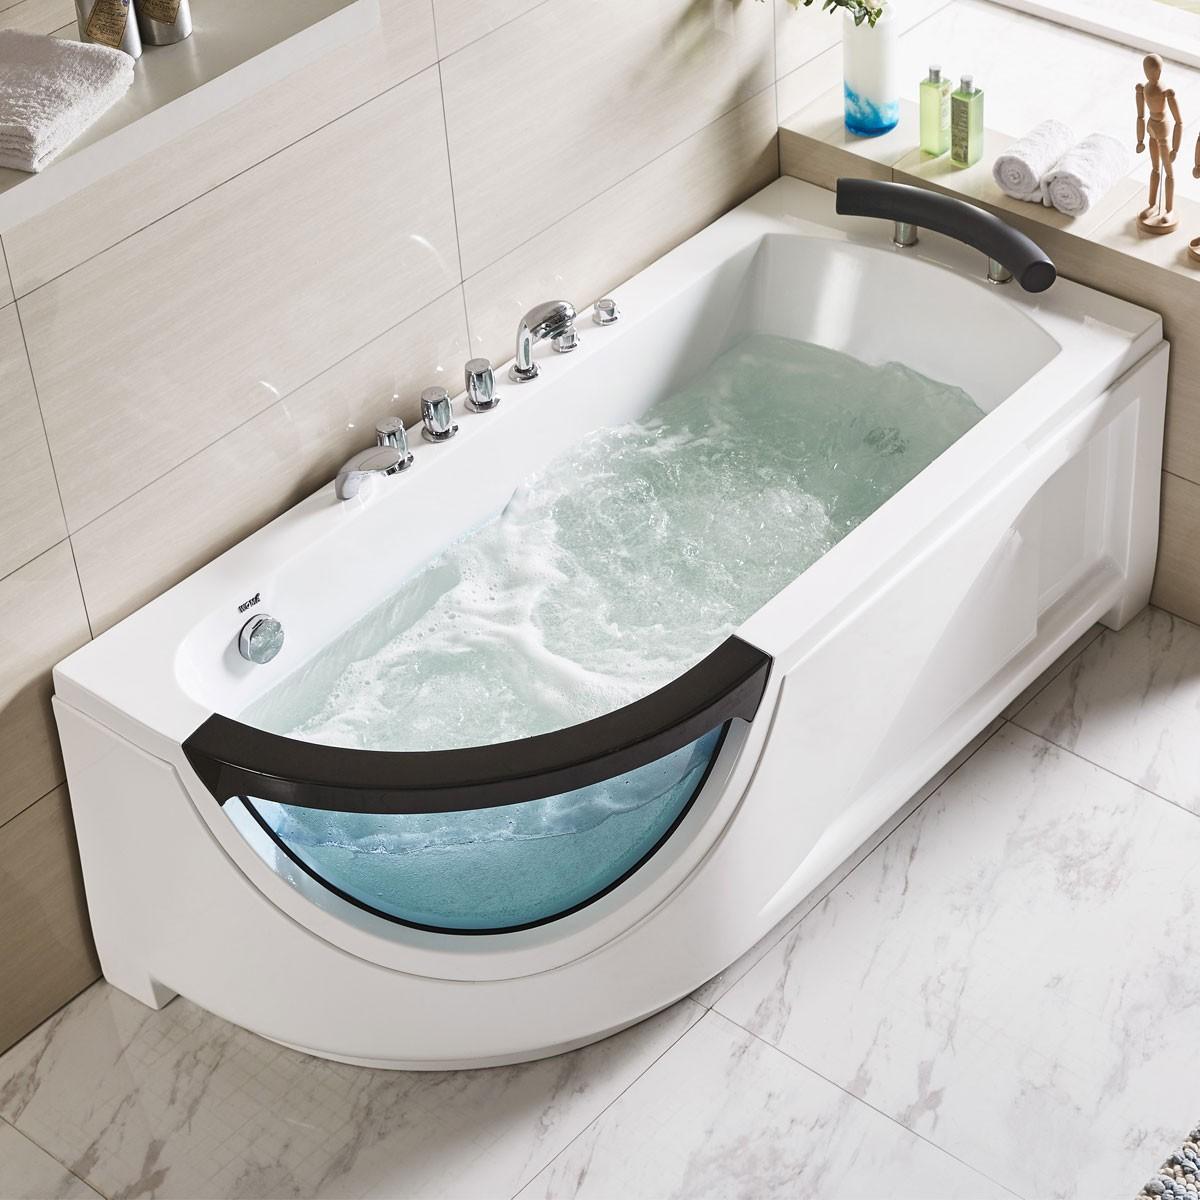 67 In Whirlpool Tub - Acrylic White (DK-Q307N)   Decoraport Canada